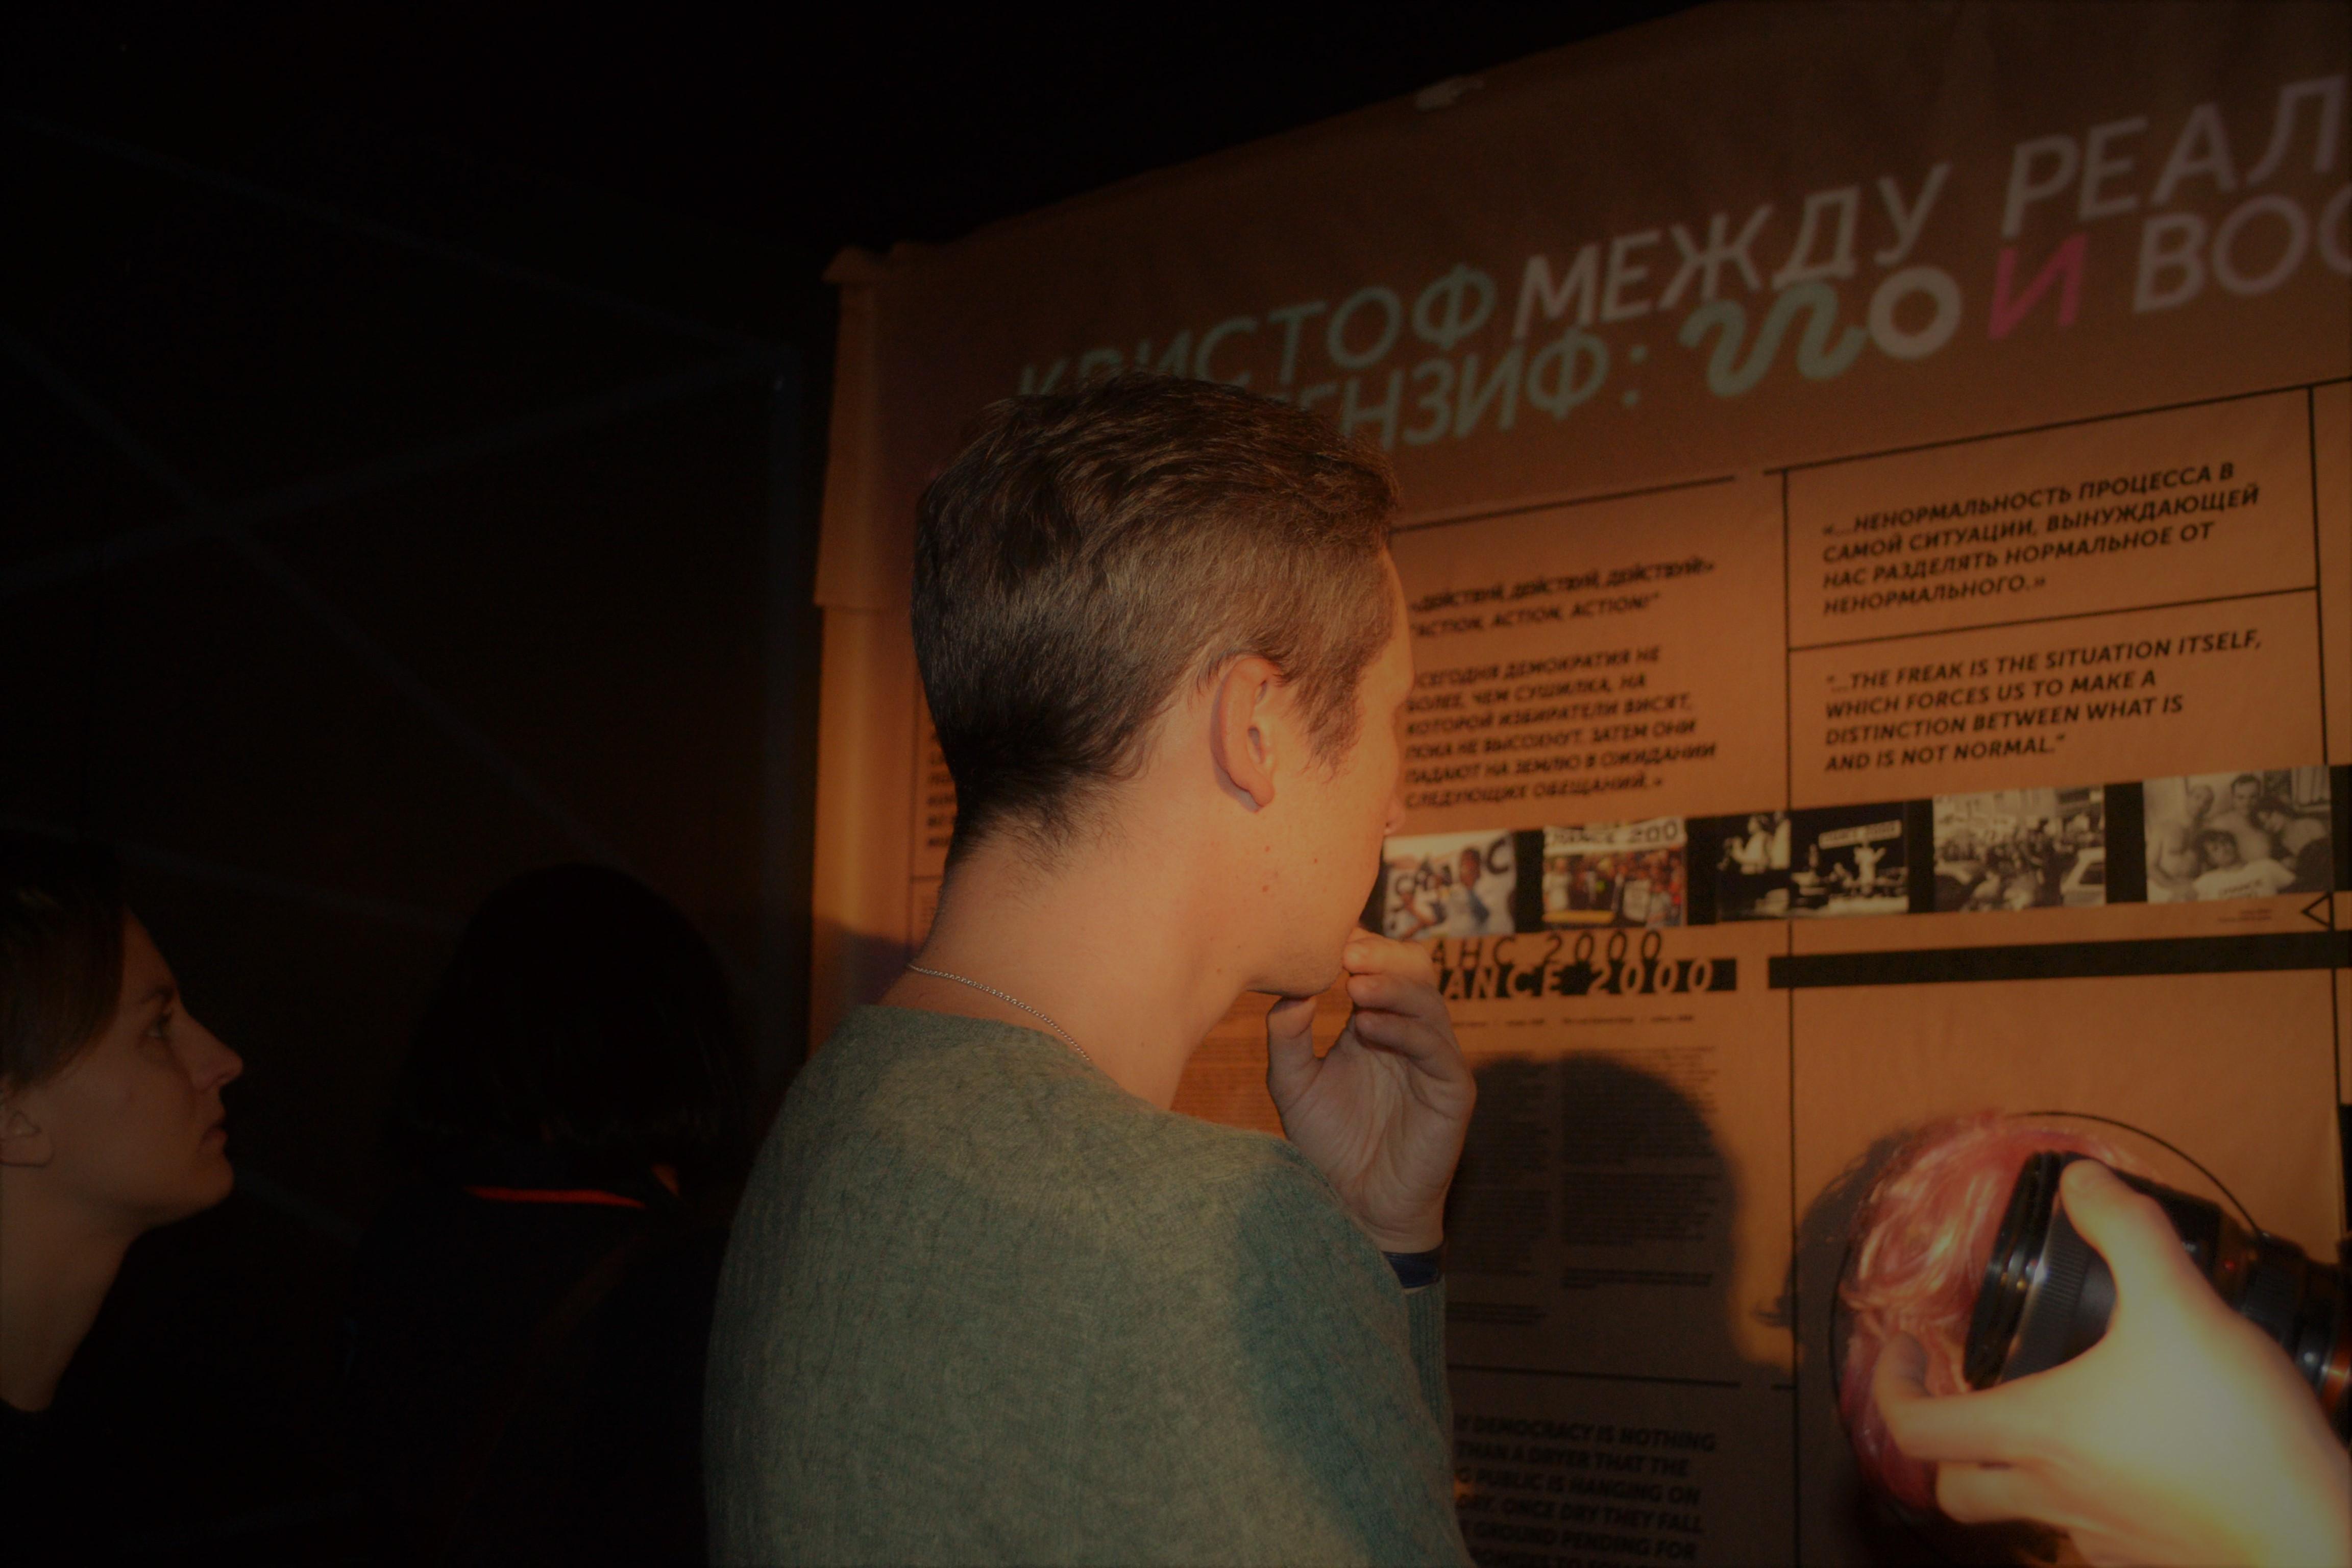 Стена Кристофа Шлингензифа Стена Кристофа Шлингензифа Выставка Шлингензифа DSC 0004